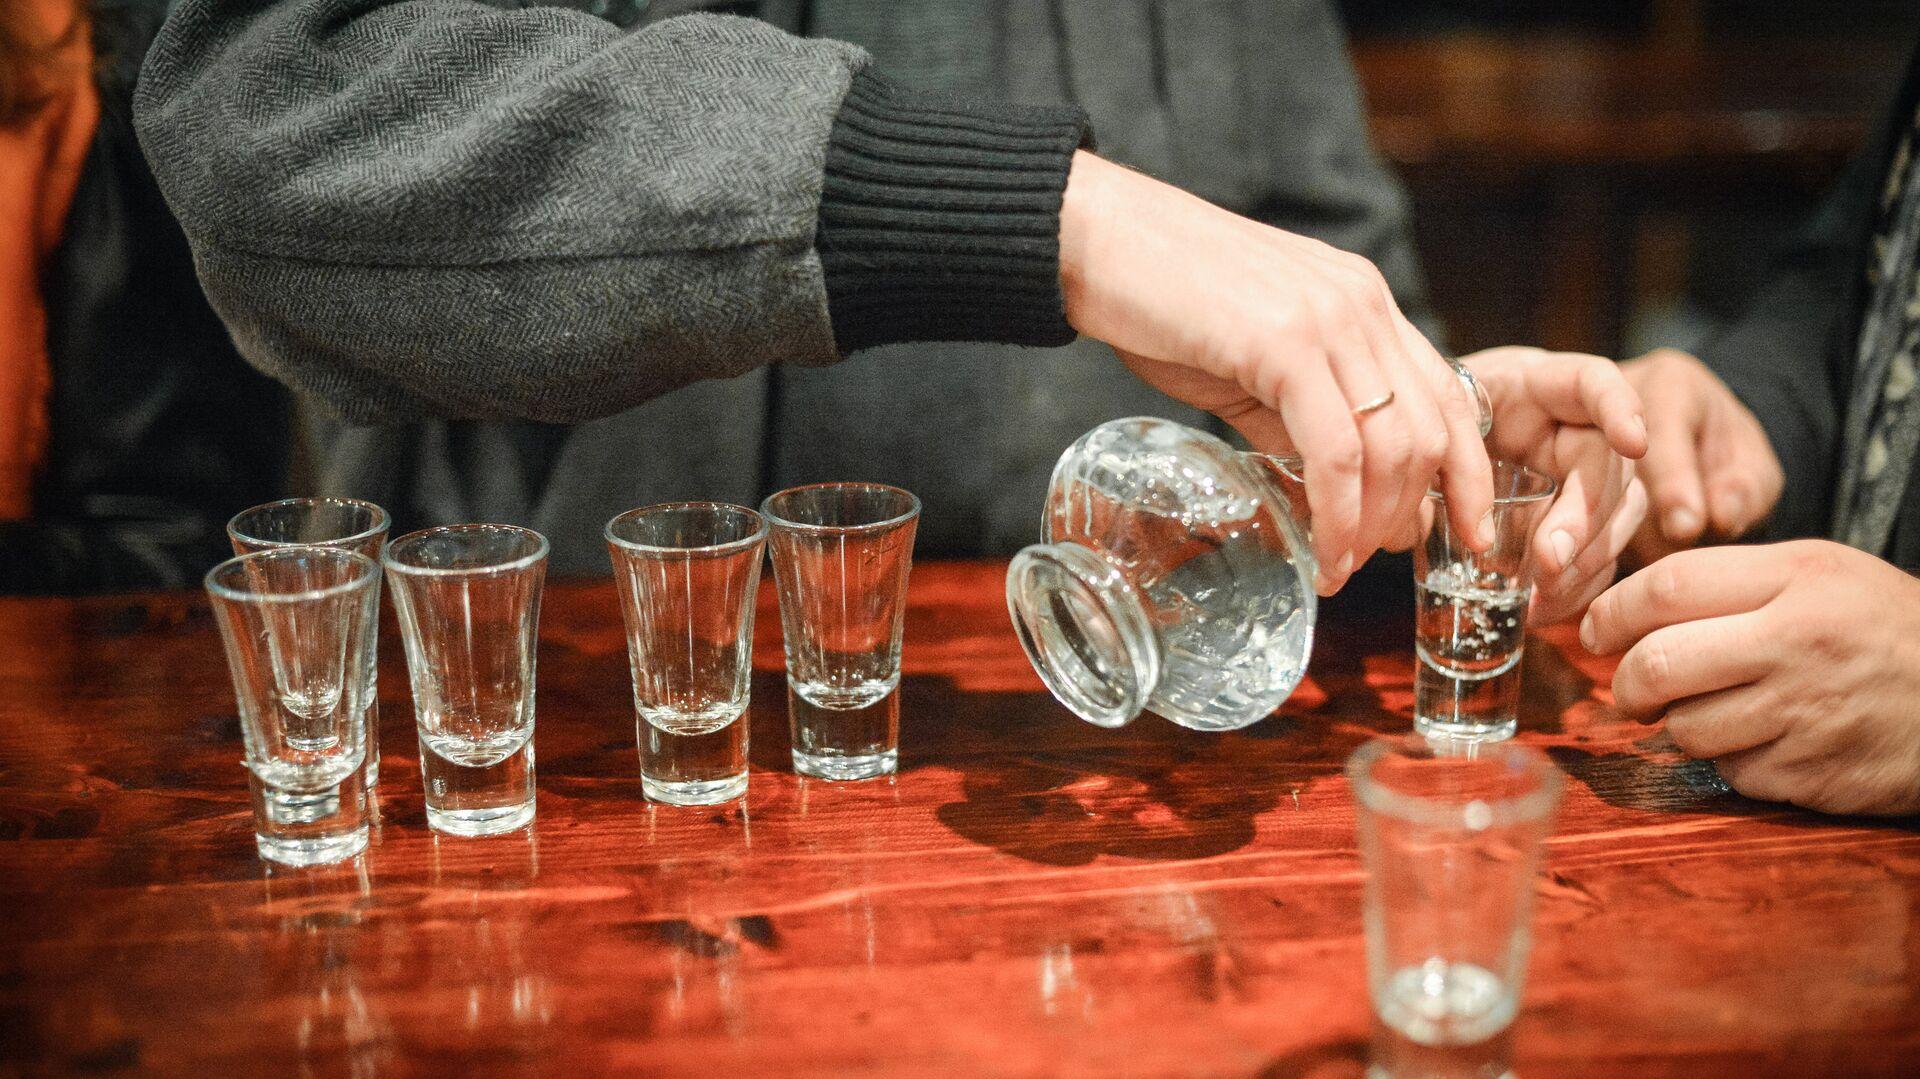 Посетитель разливает водку в пивном баре - РИА Новости, 1920, 11.09.2020